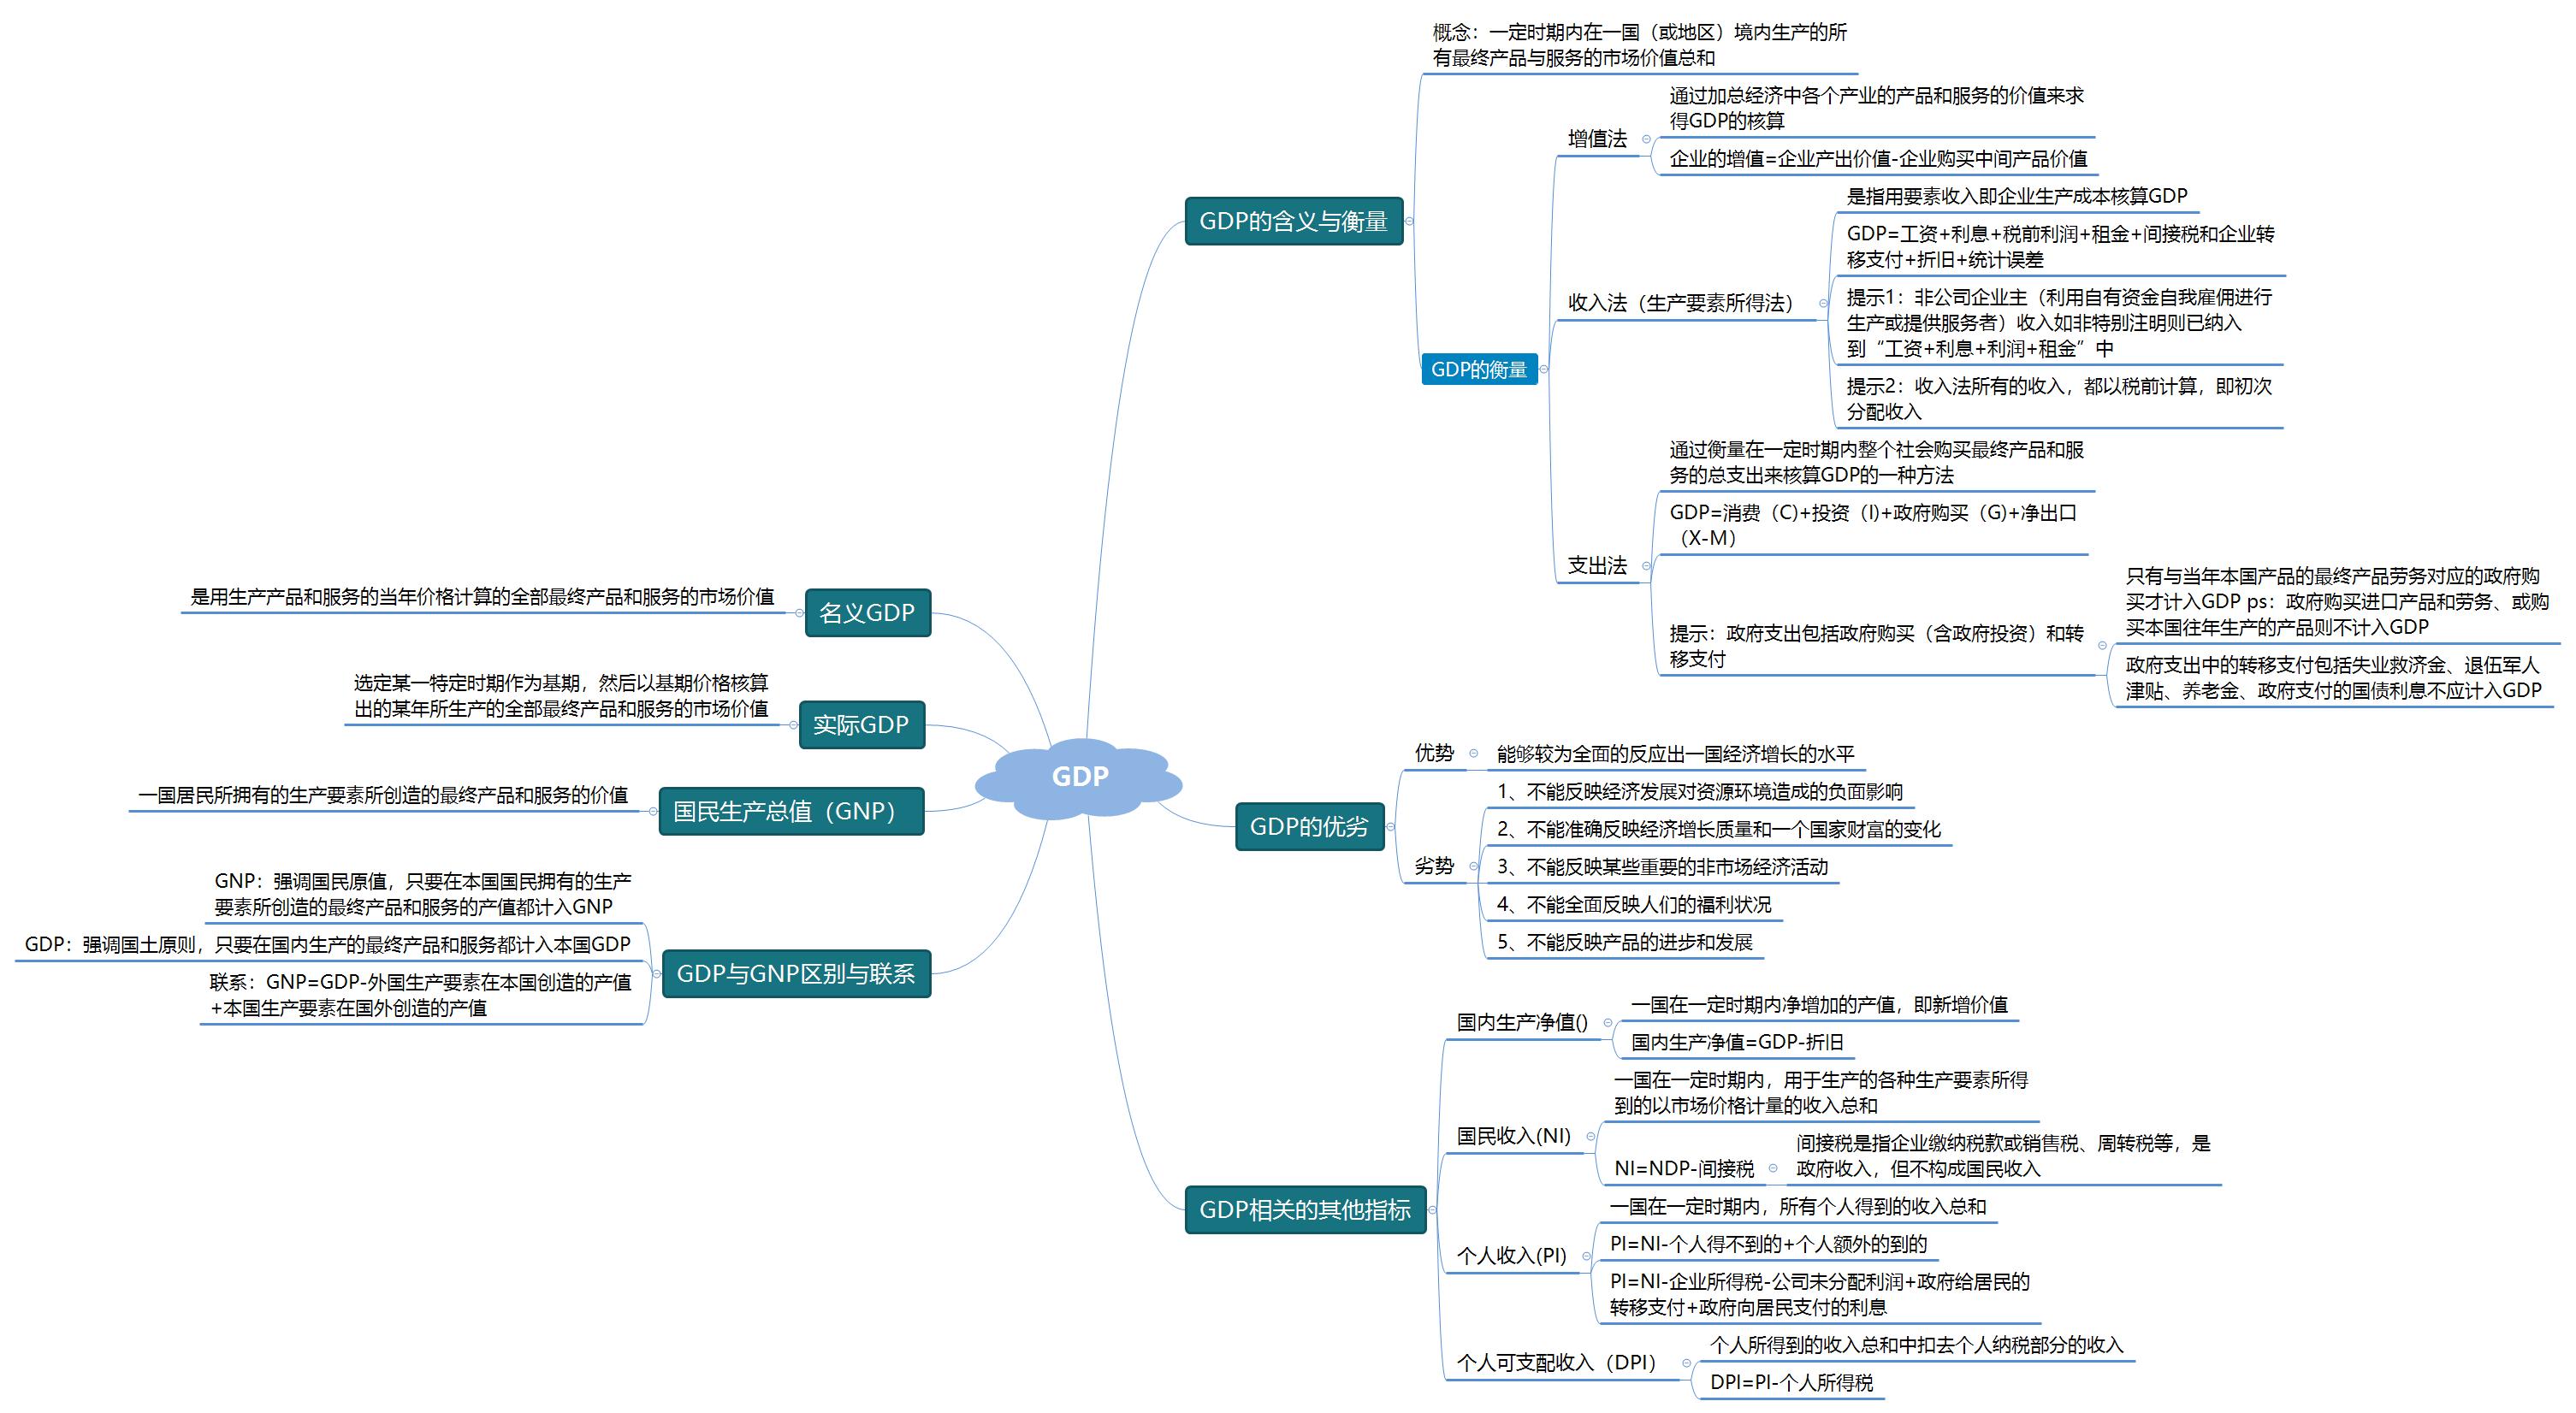 王敏41805853(GDP思维导图).png